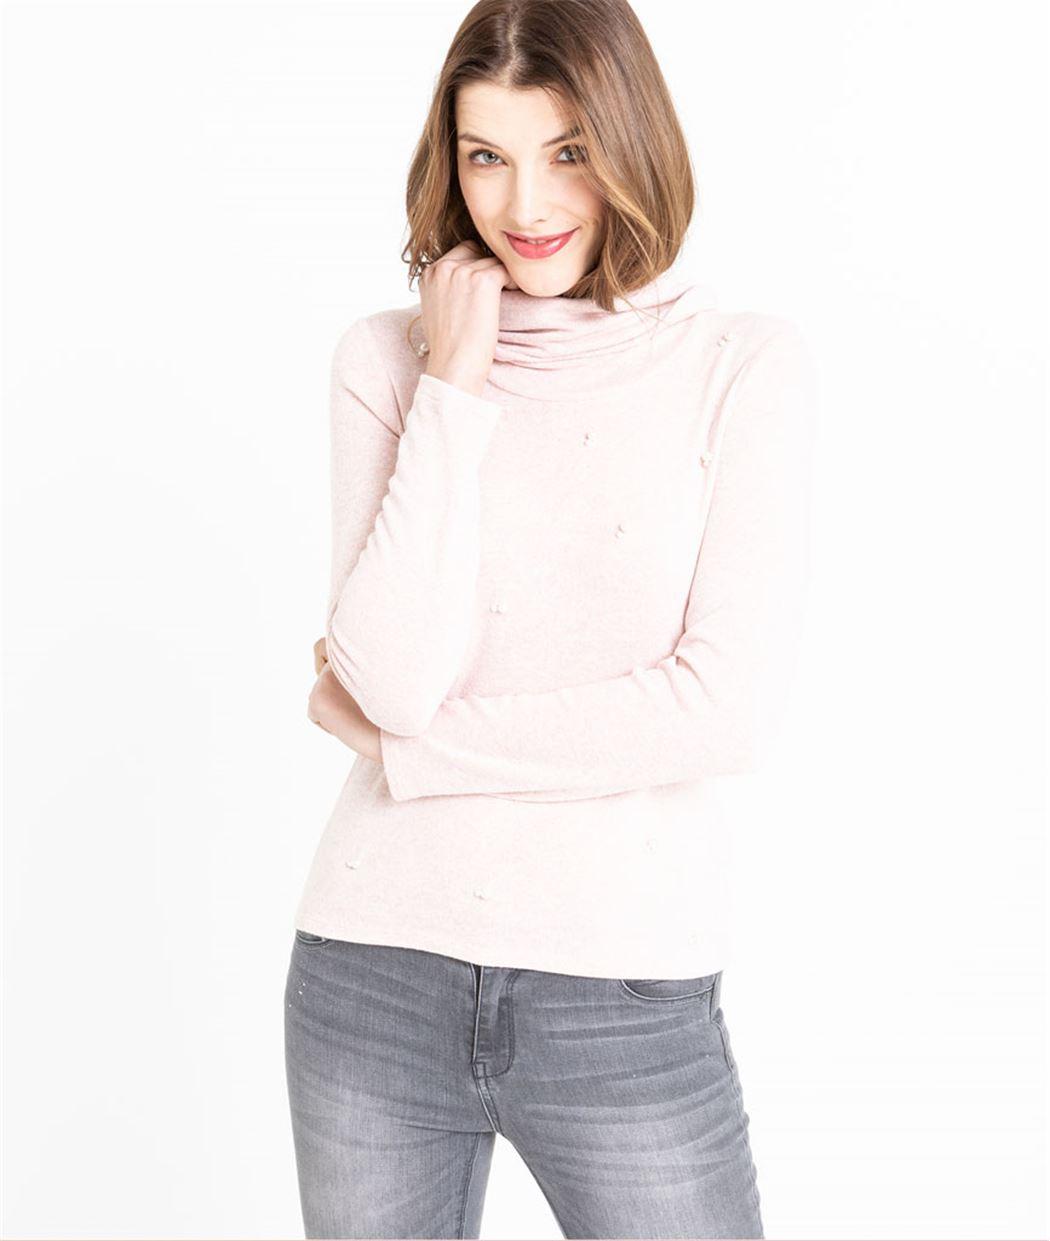 ca8aa4319bb T-shirt femme manches et col roulé ROSE CLAIR - Grain de Malice